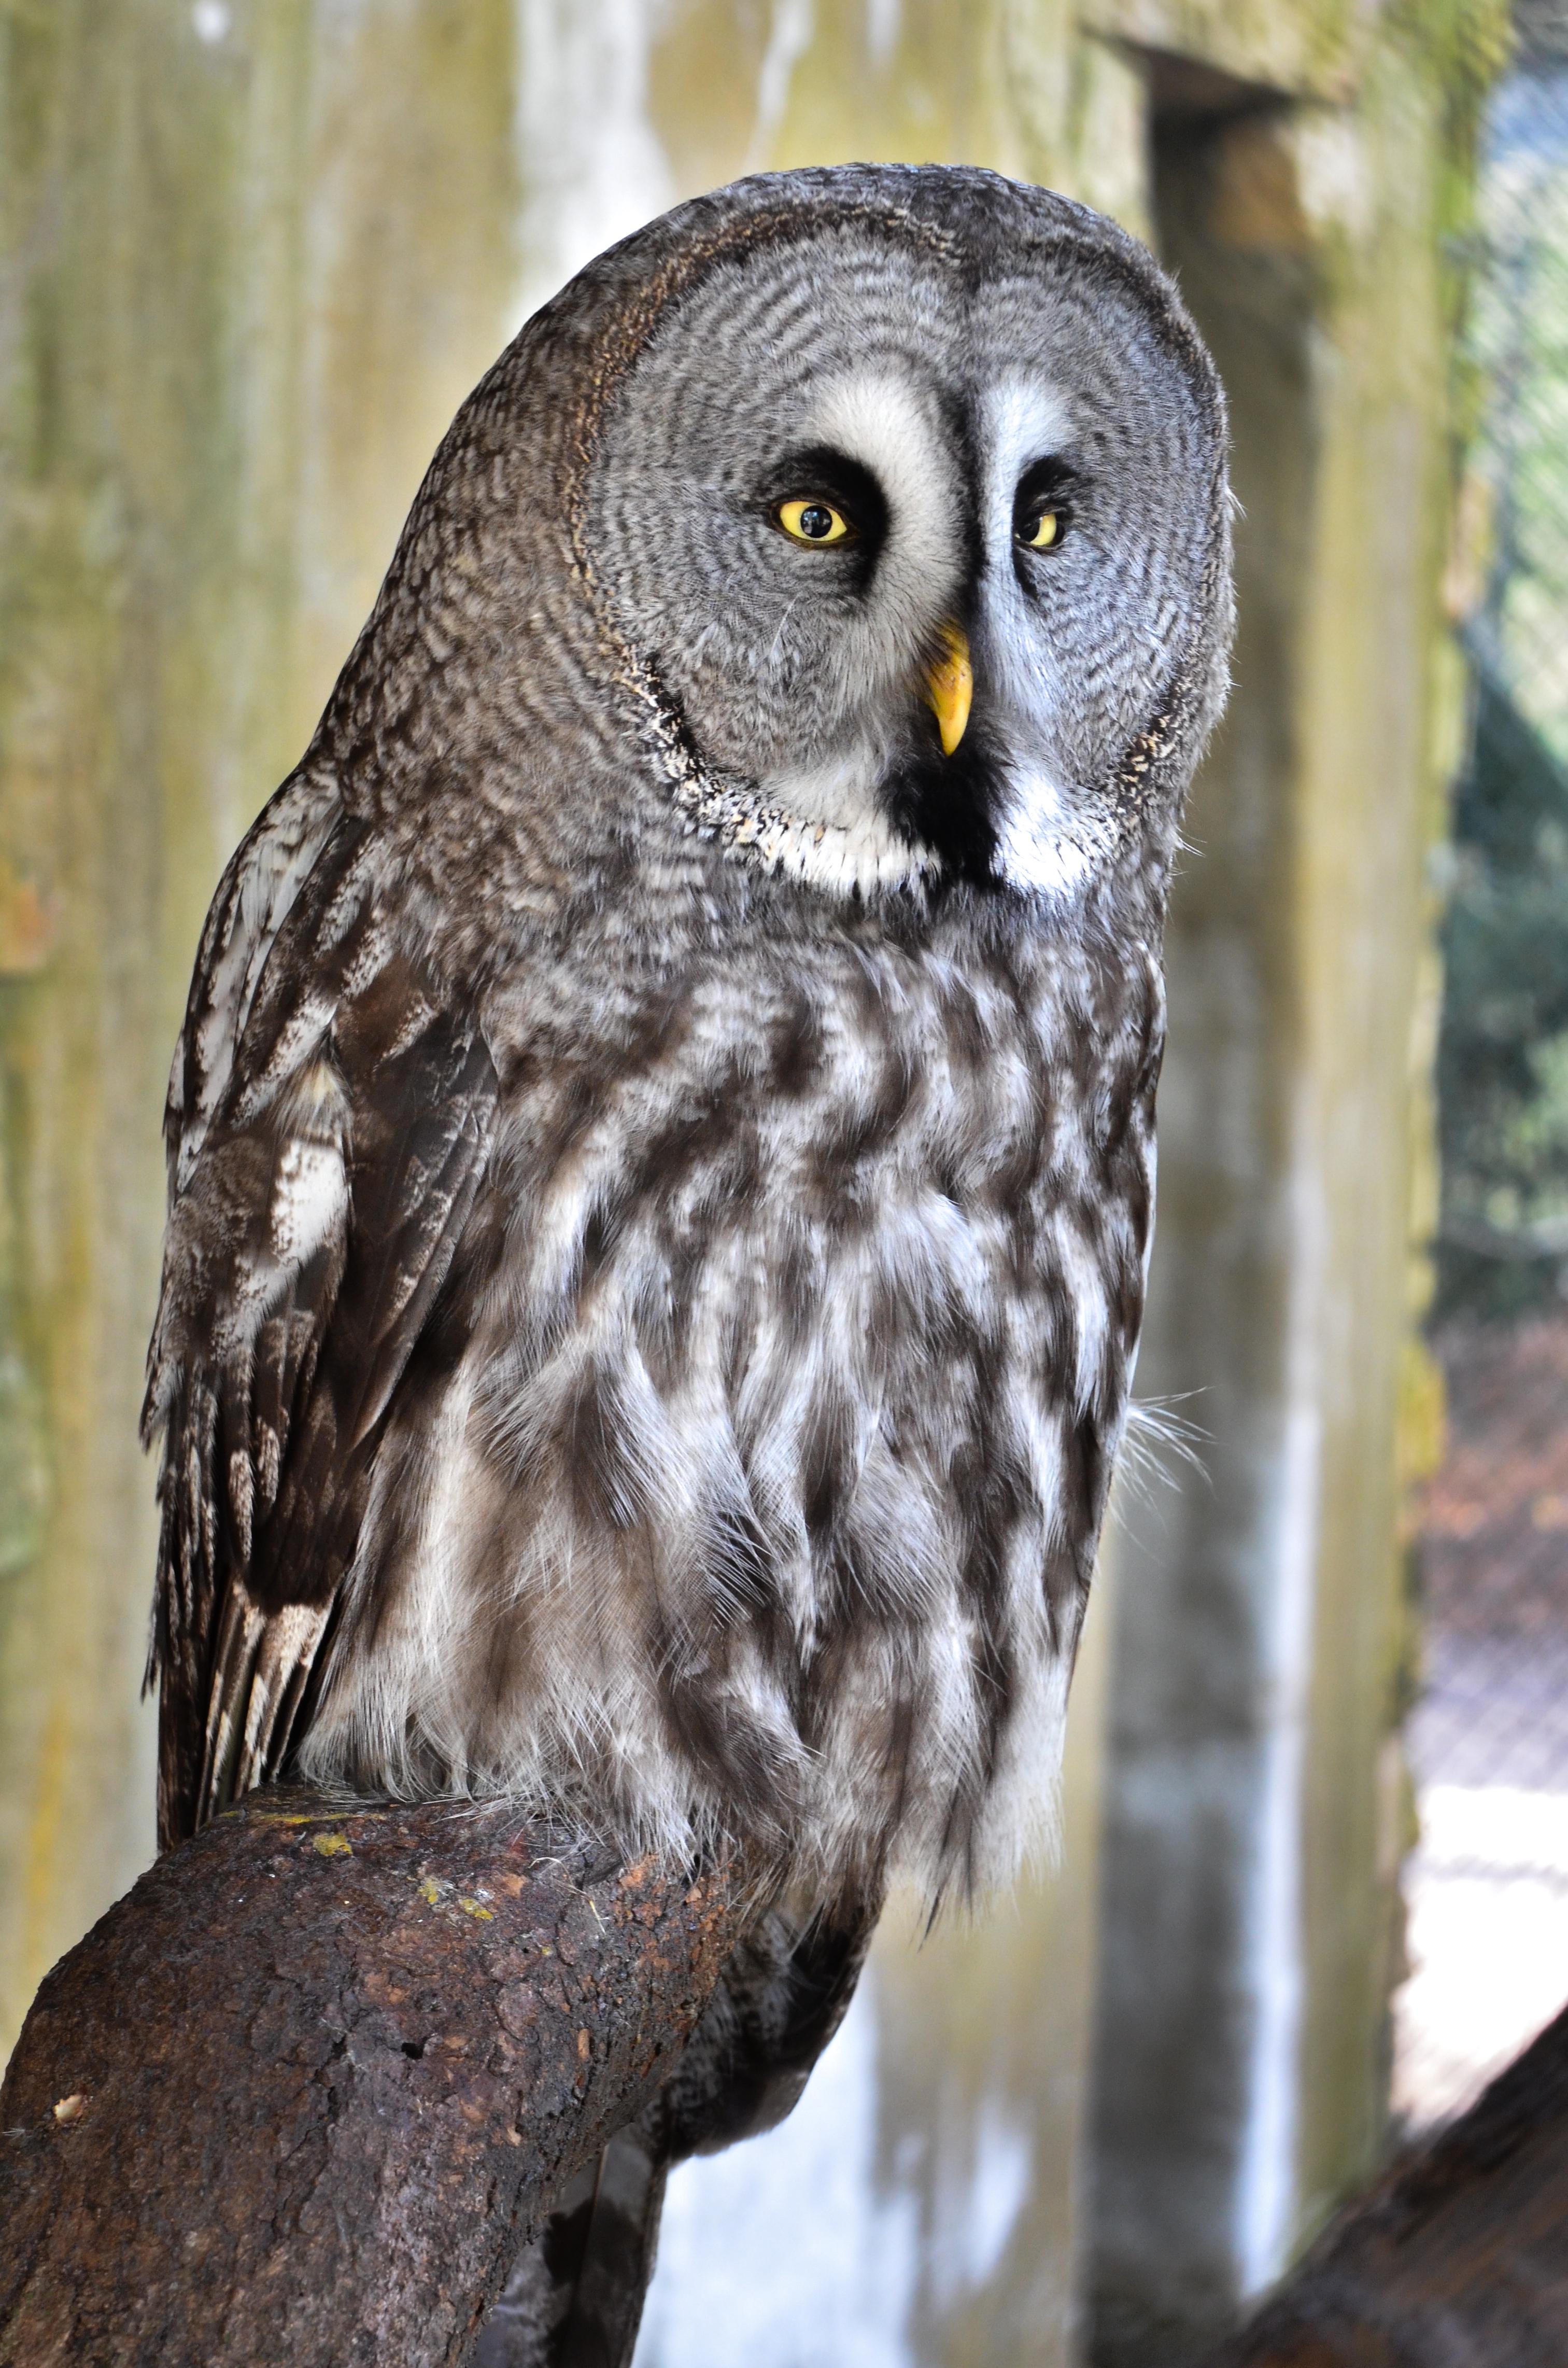 File:Bartkauz - Great Grey Owl (Strix nebulosa